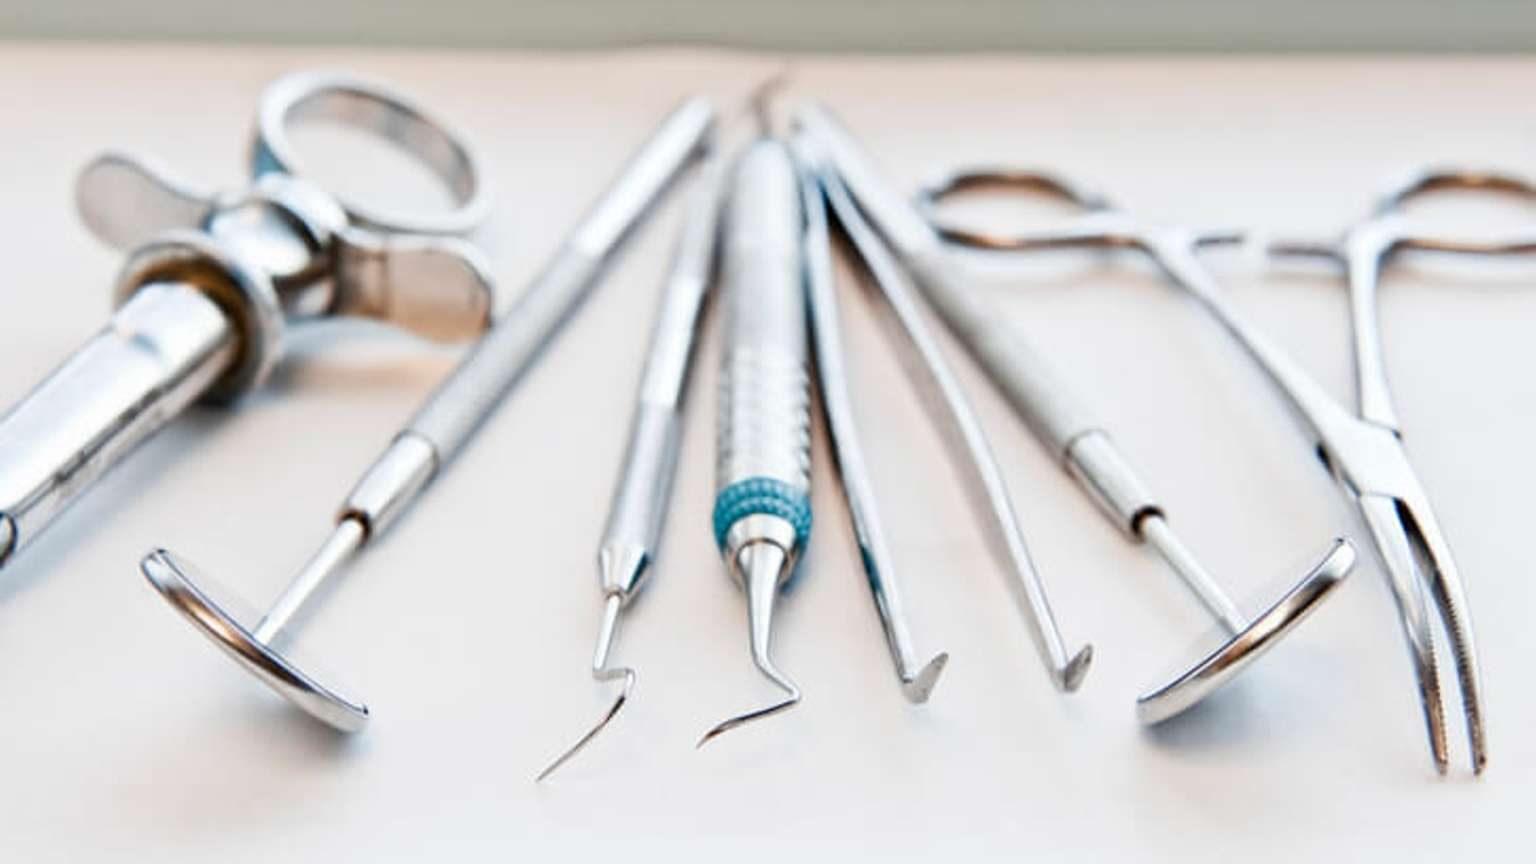 Loans for dental work